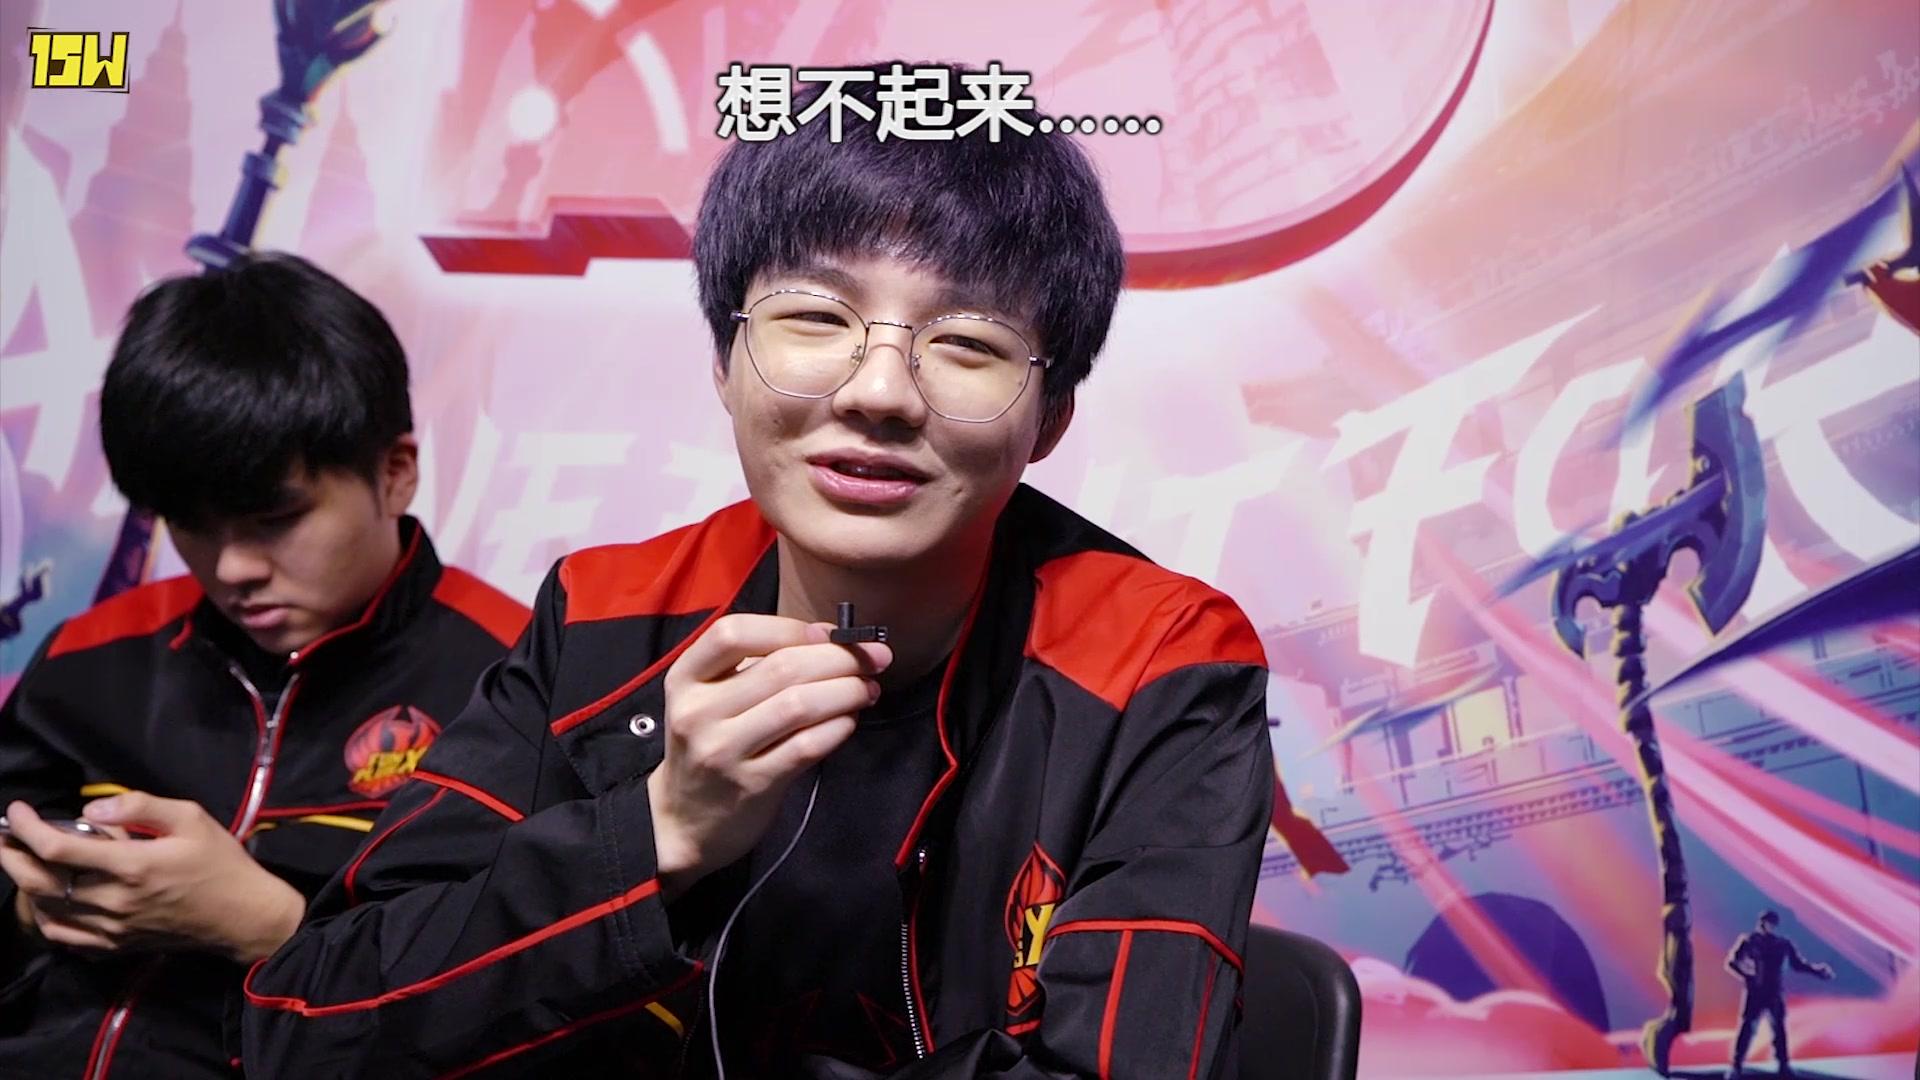 【FPX.Crisp快问快答】点击查看刘青松的抉择